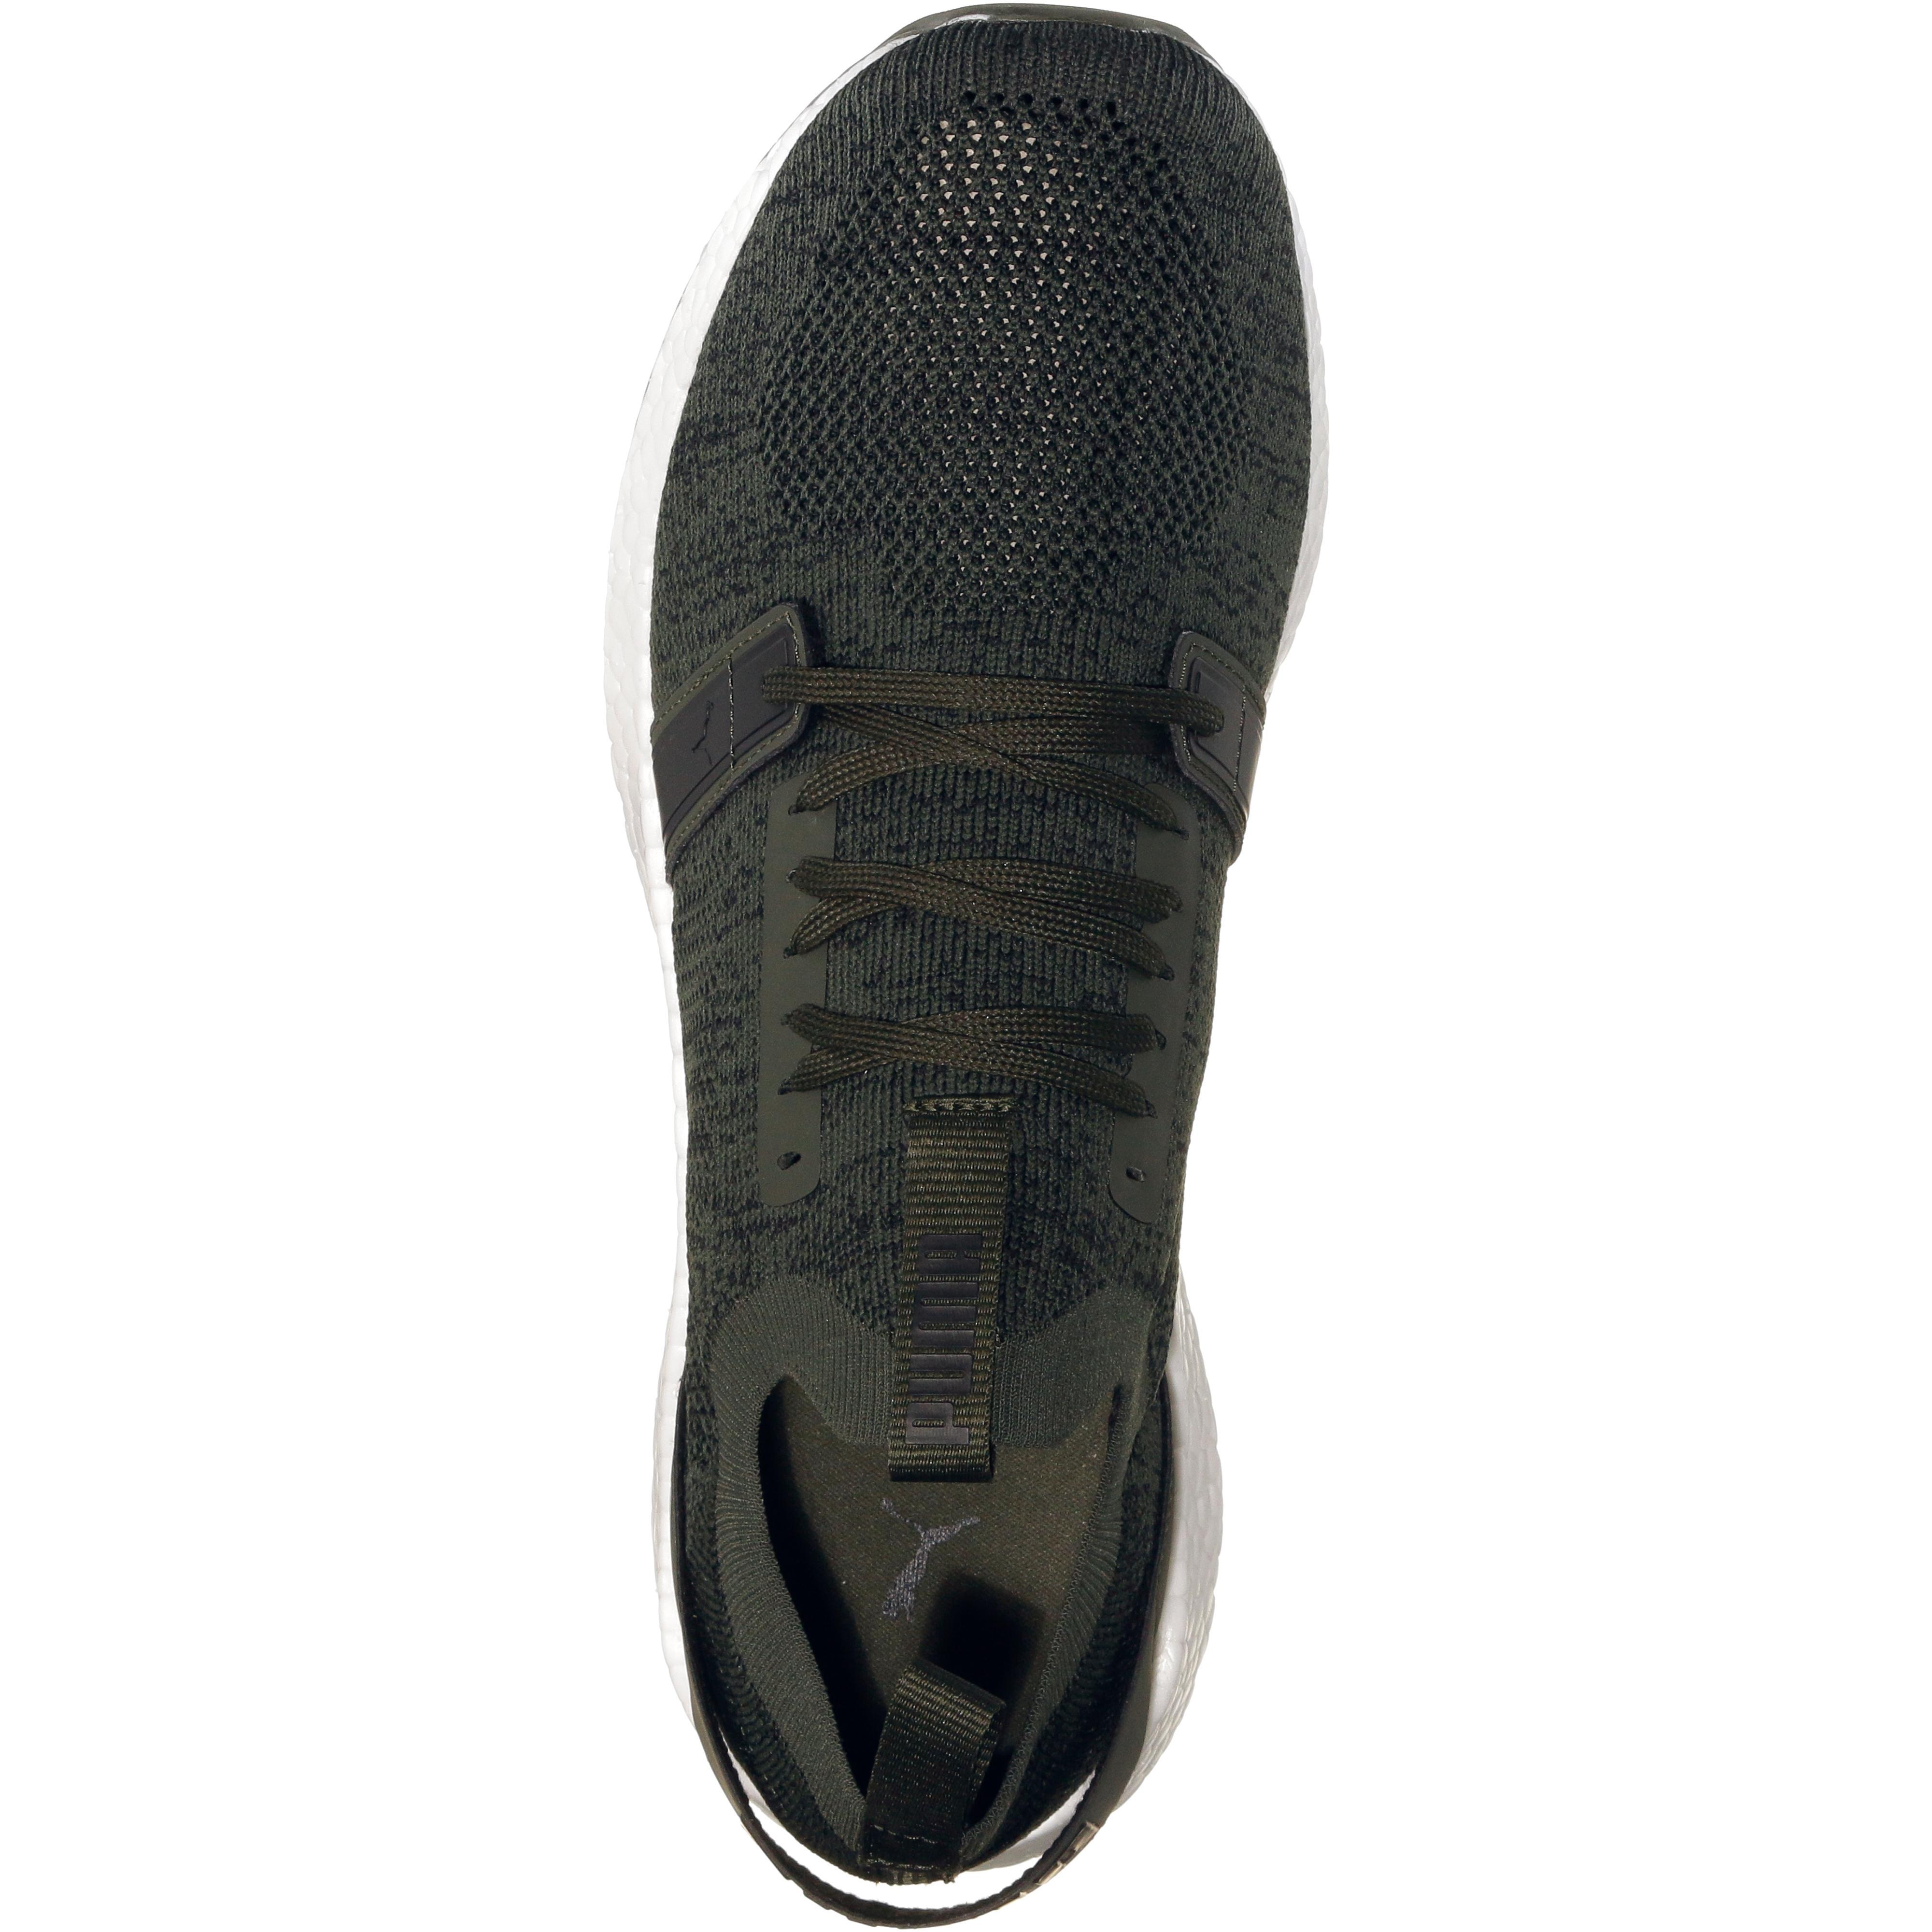 PUMA NRGY Neko Engineer Knit Fitnessschuhe Herren puma-white-quarry im  Online Shop von SportScheck kaufen f585497cd